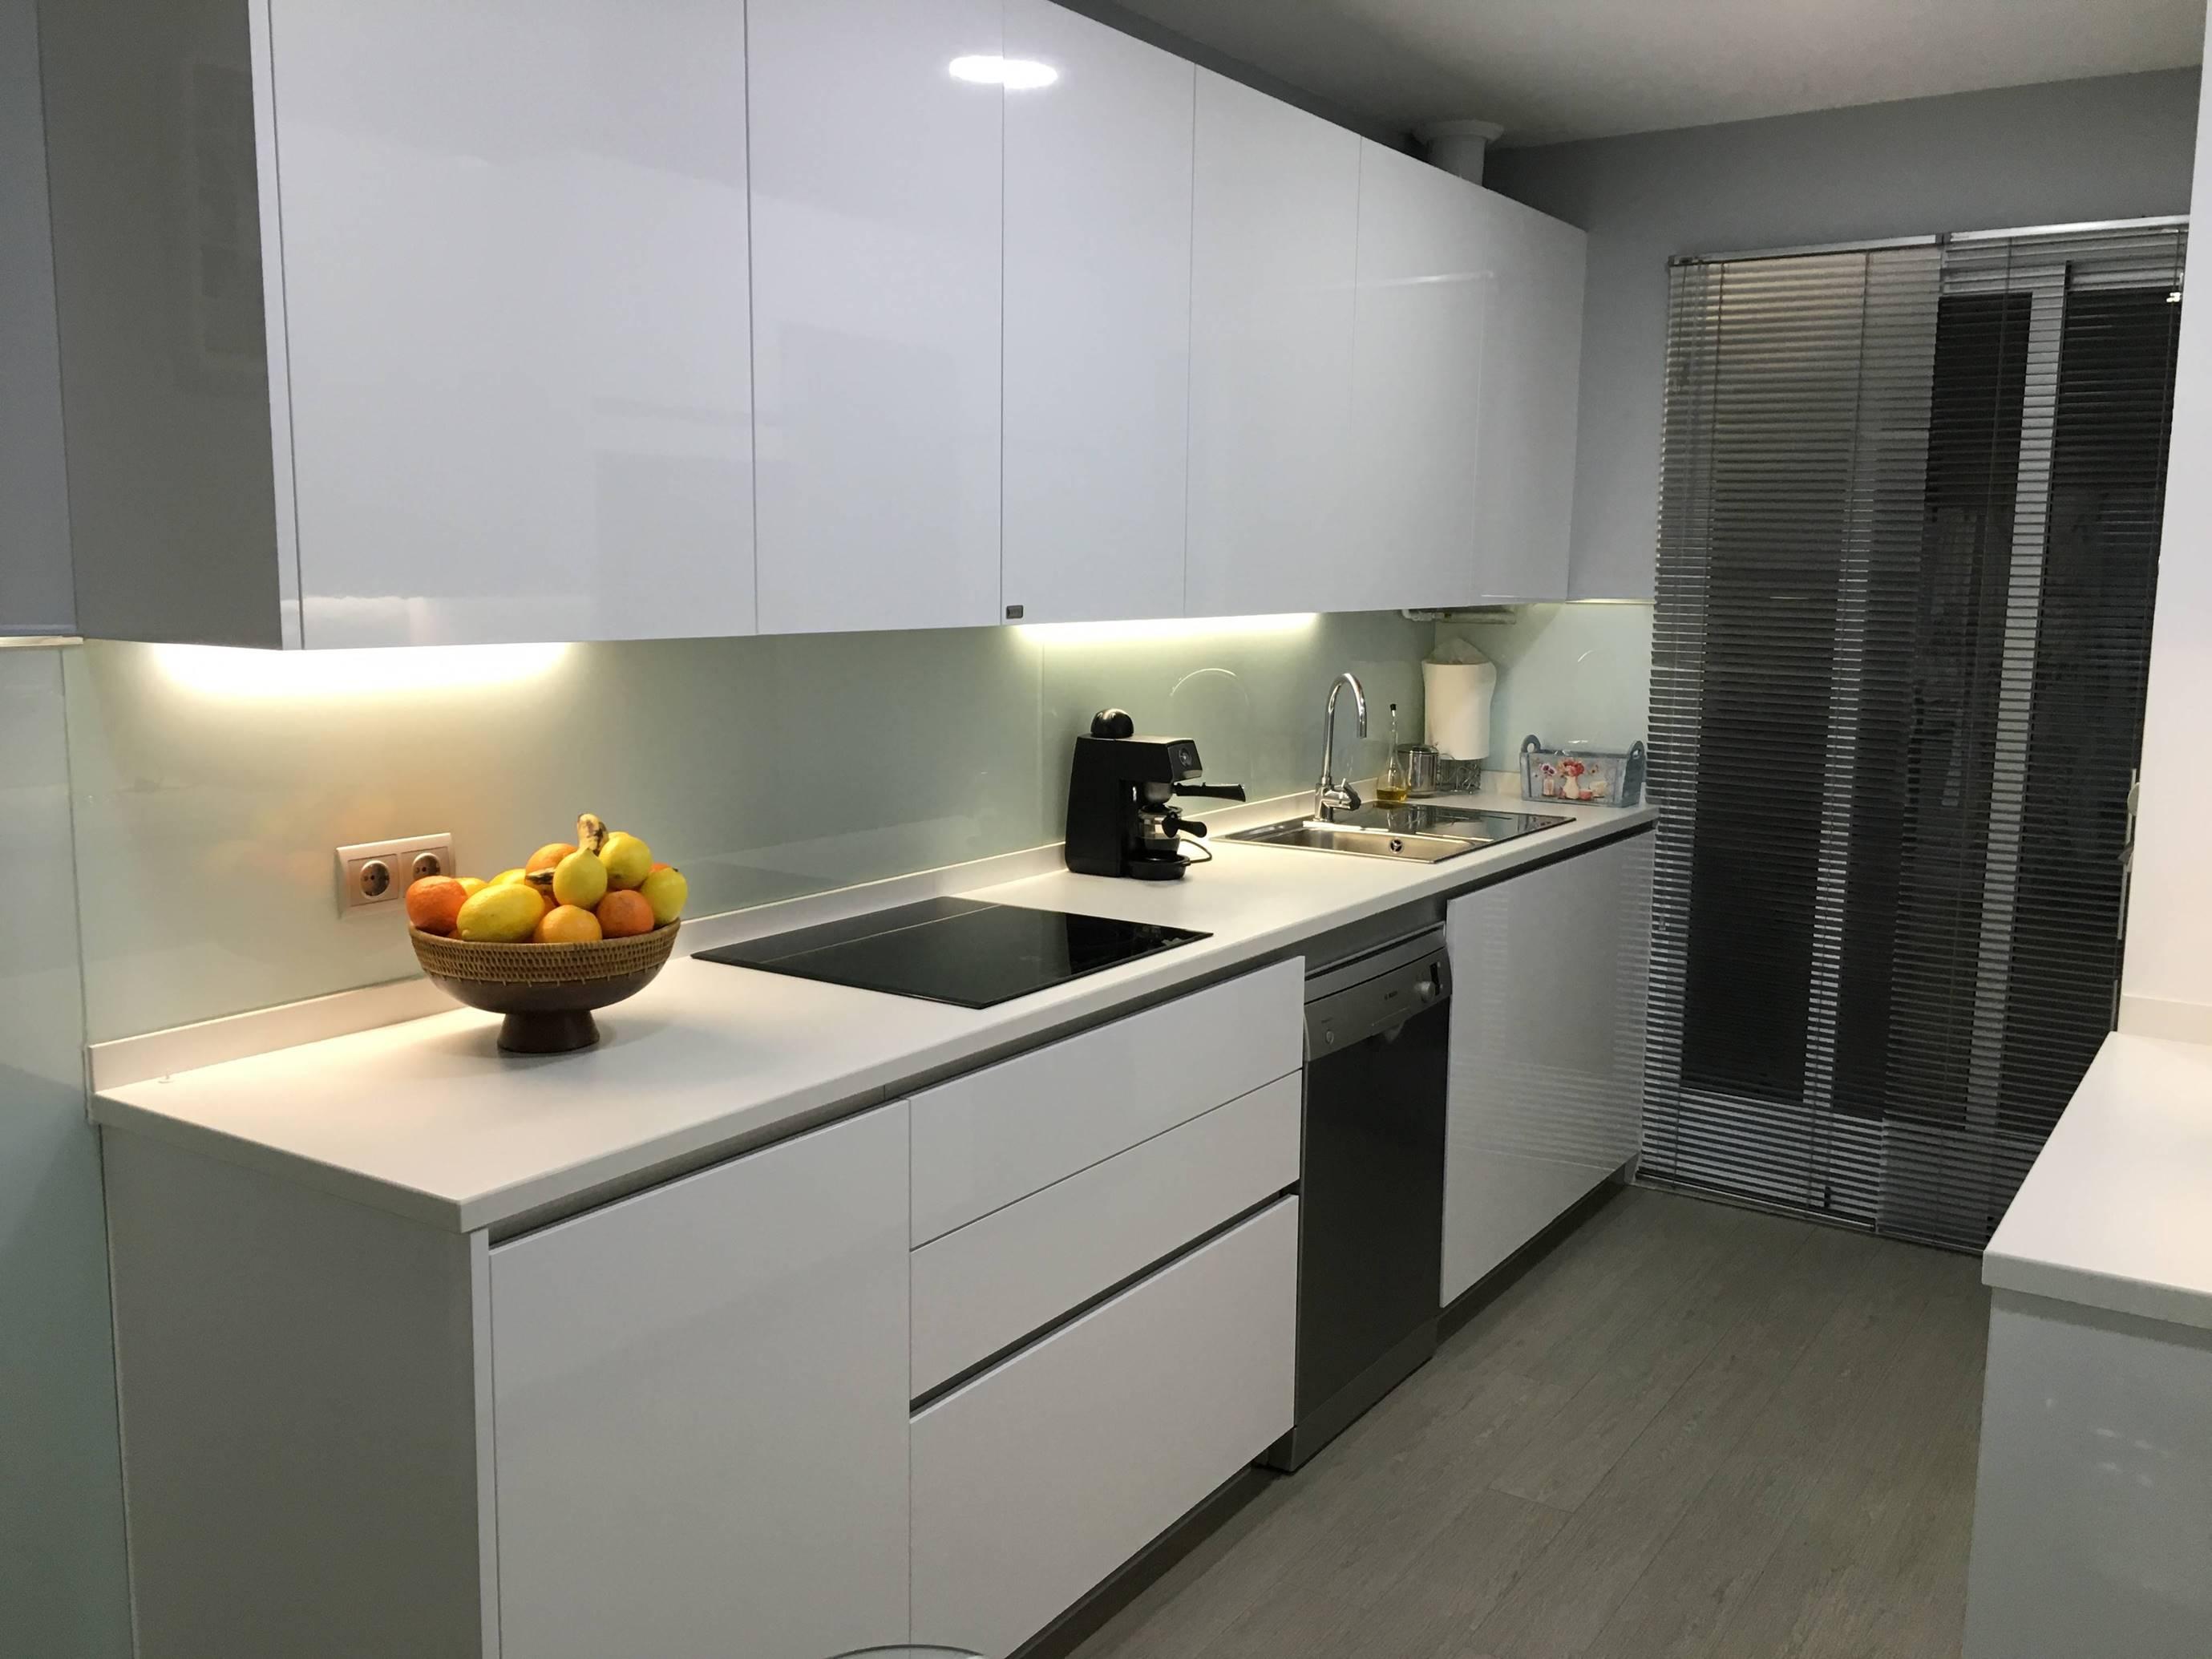 Cocina sin tirador kocina sevilla - Tiradores de muebles de cocina ...